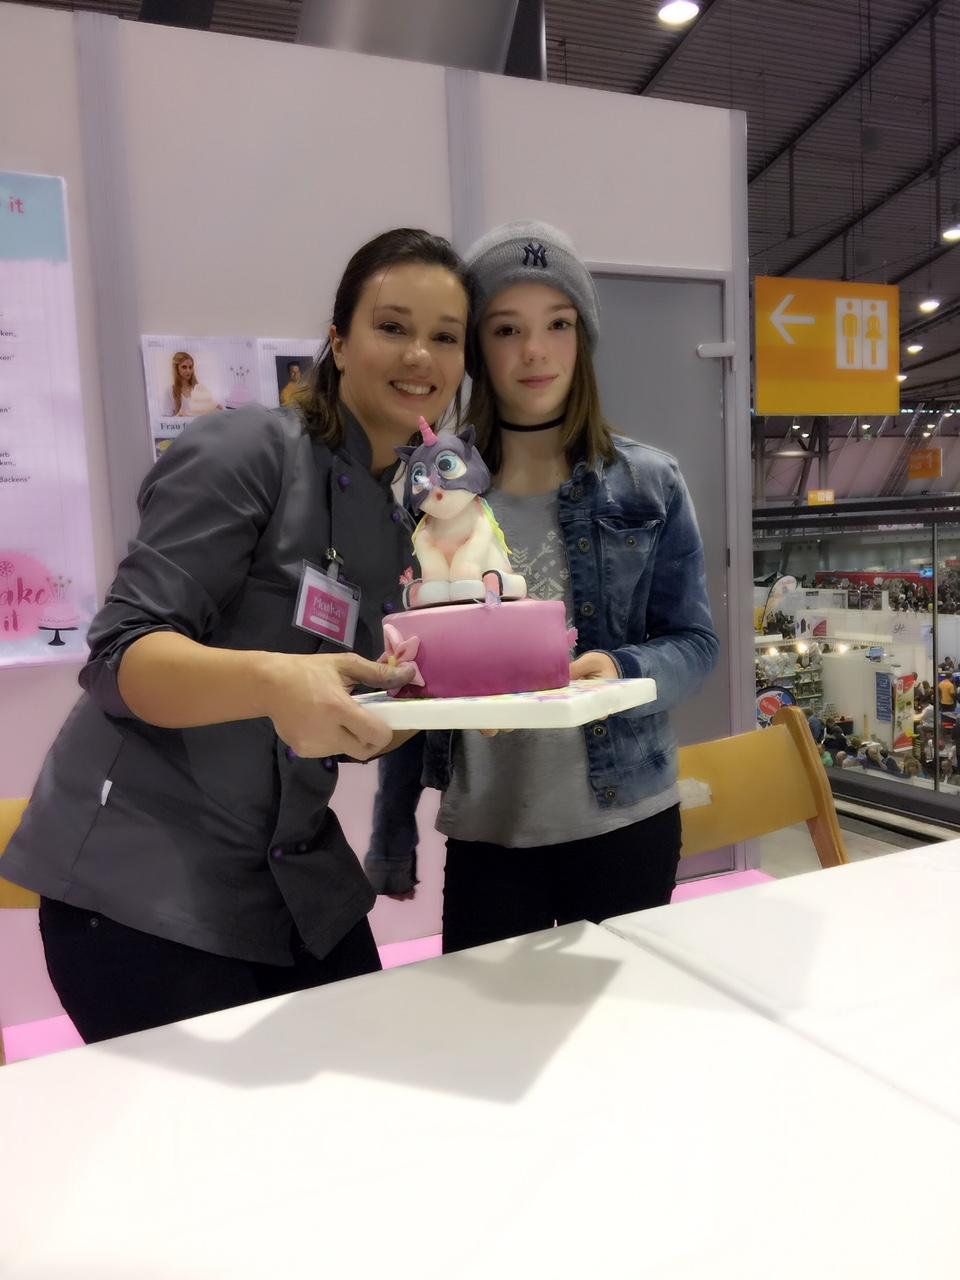 Messe Stuttgart Kreativ 2017 Cake it 2017